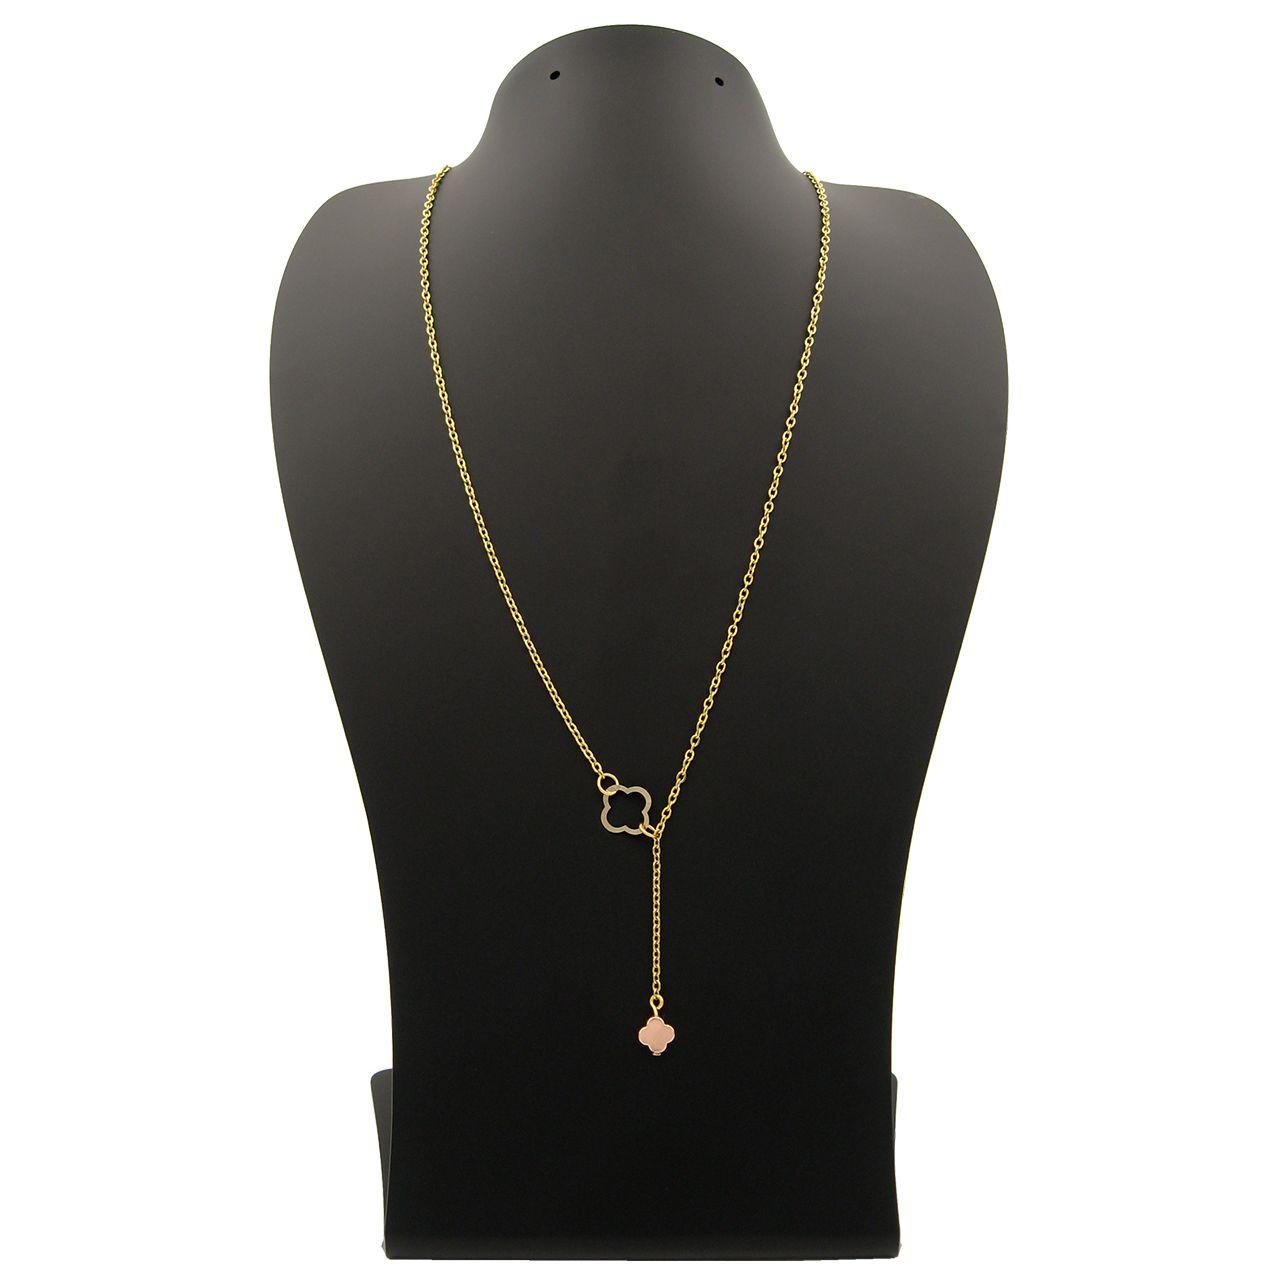 گردنبند طلا 18 عیار زنانه مانچو کد sfg652 -  - 2